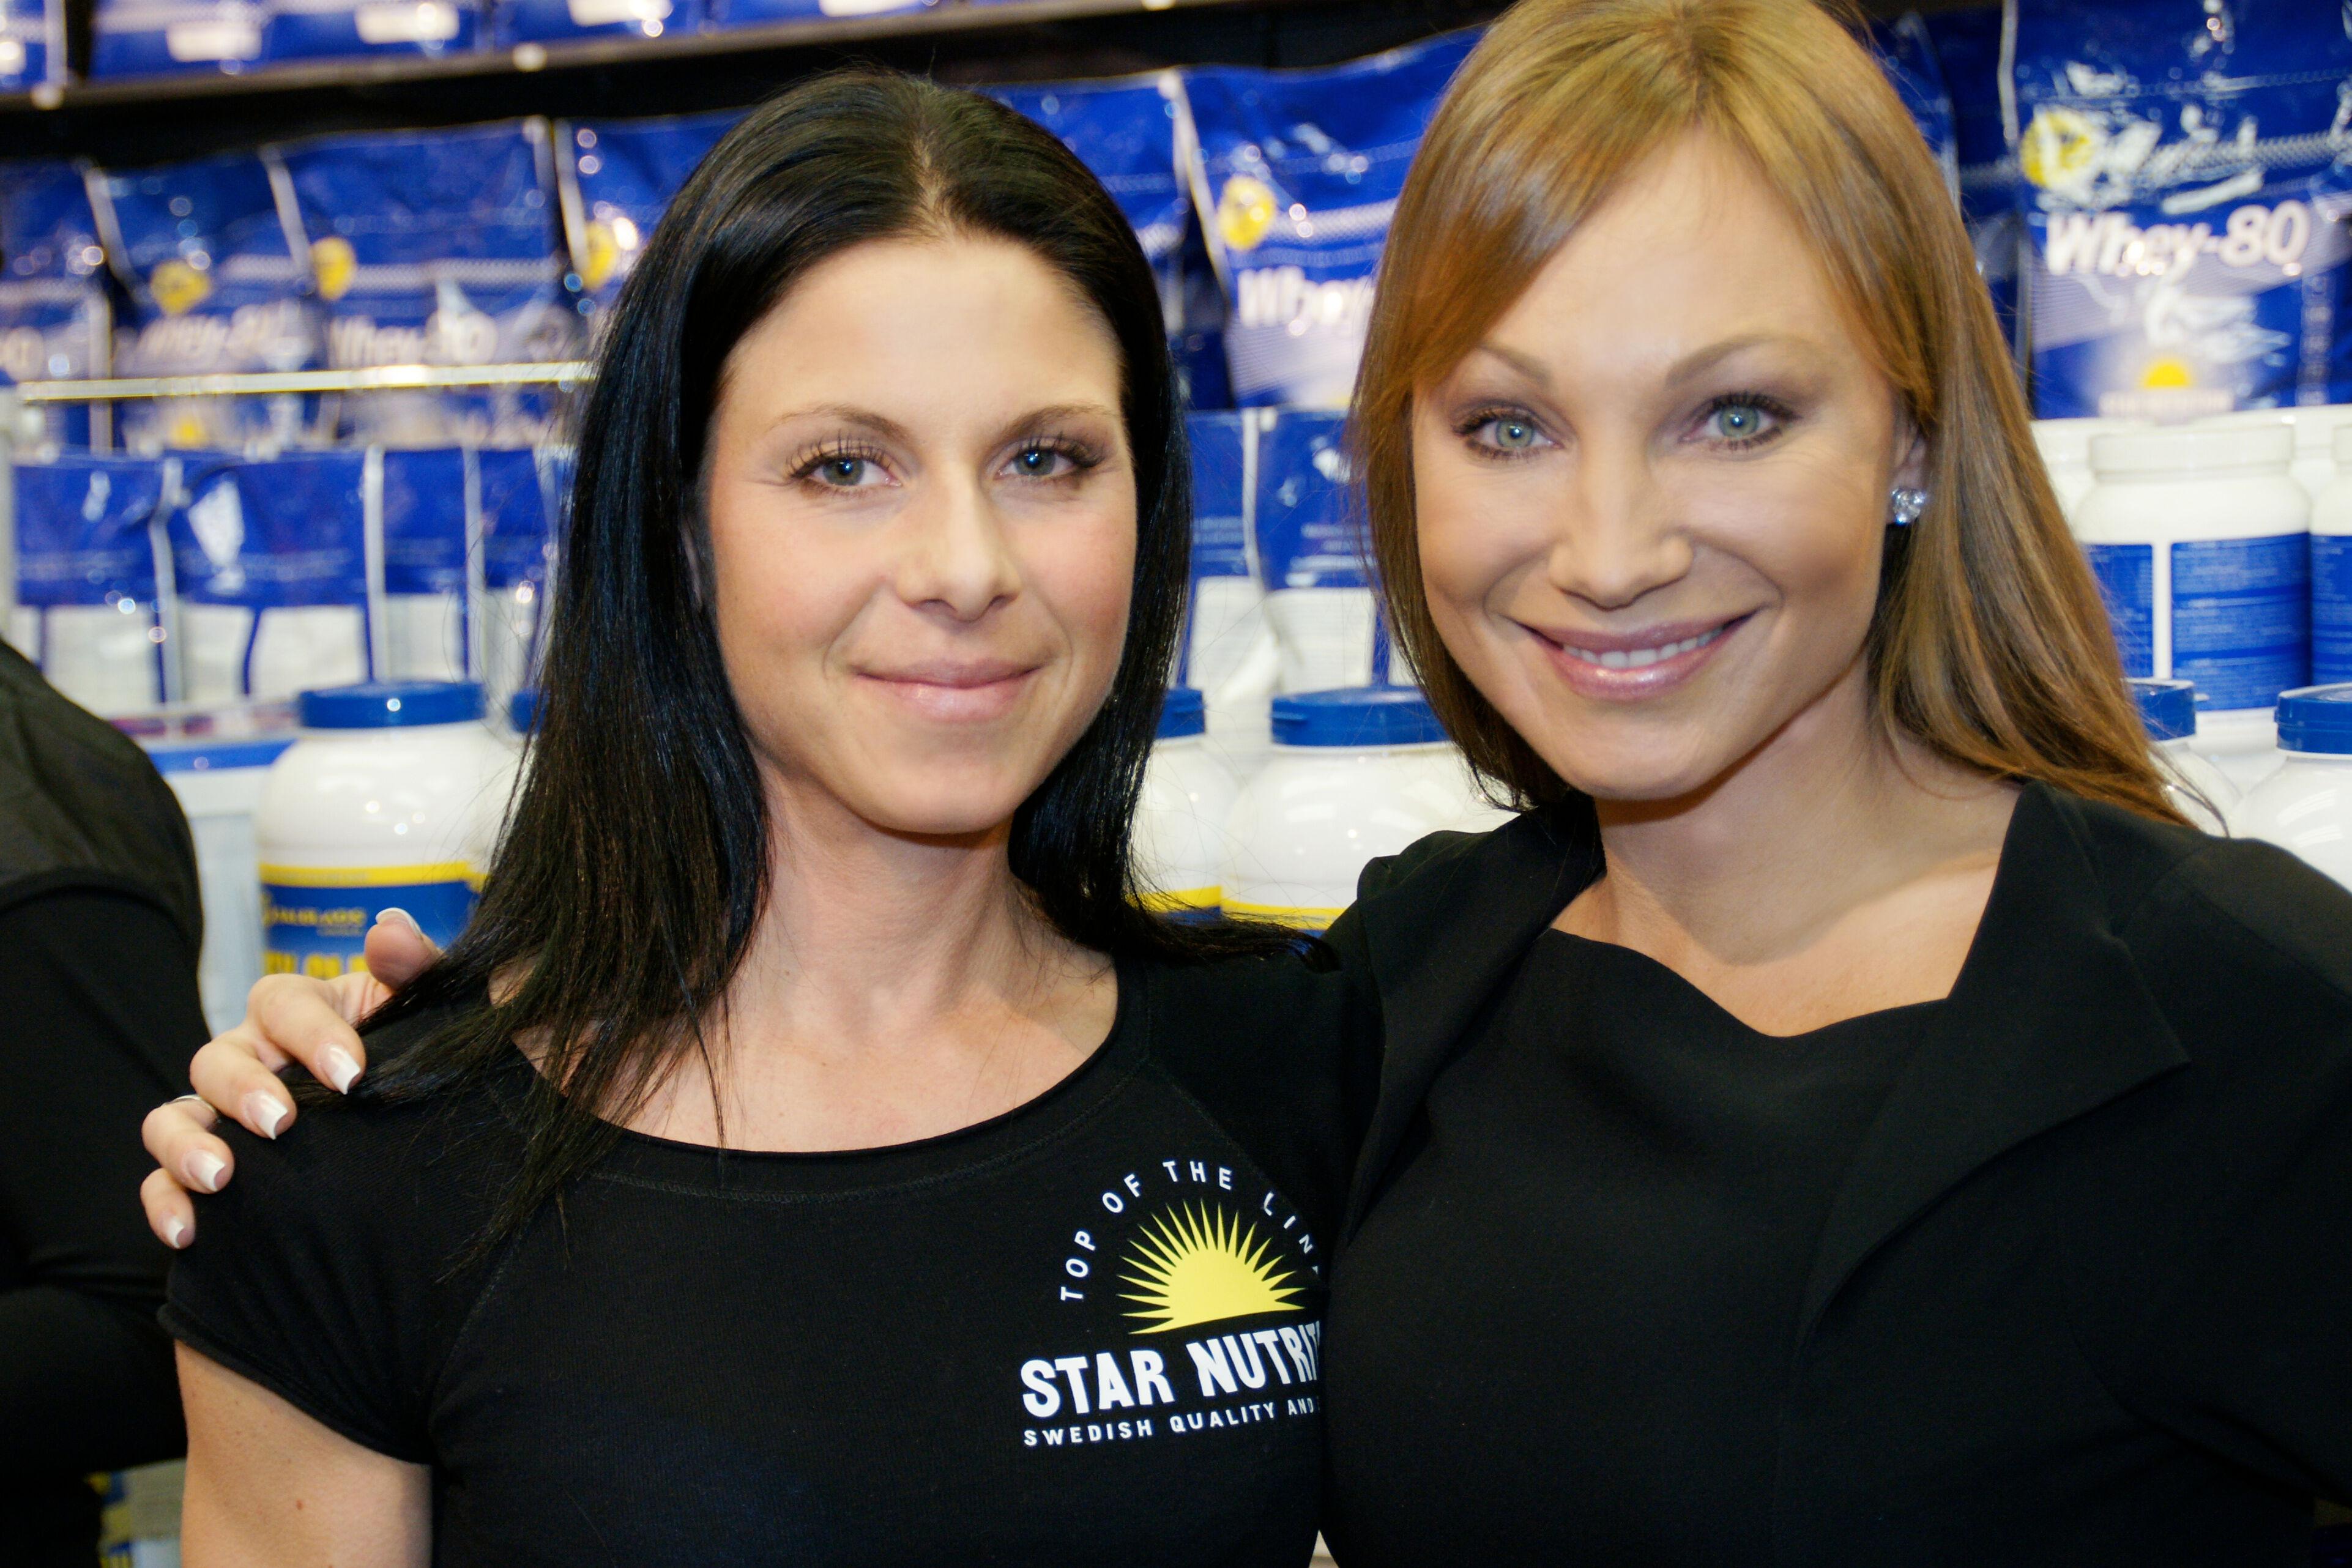 Gammal bild på mig & Anna Pauli (ansvarig för alla produkter i serien) från ett event med Gyngrossisten.